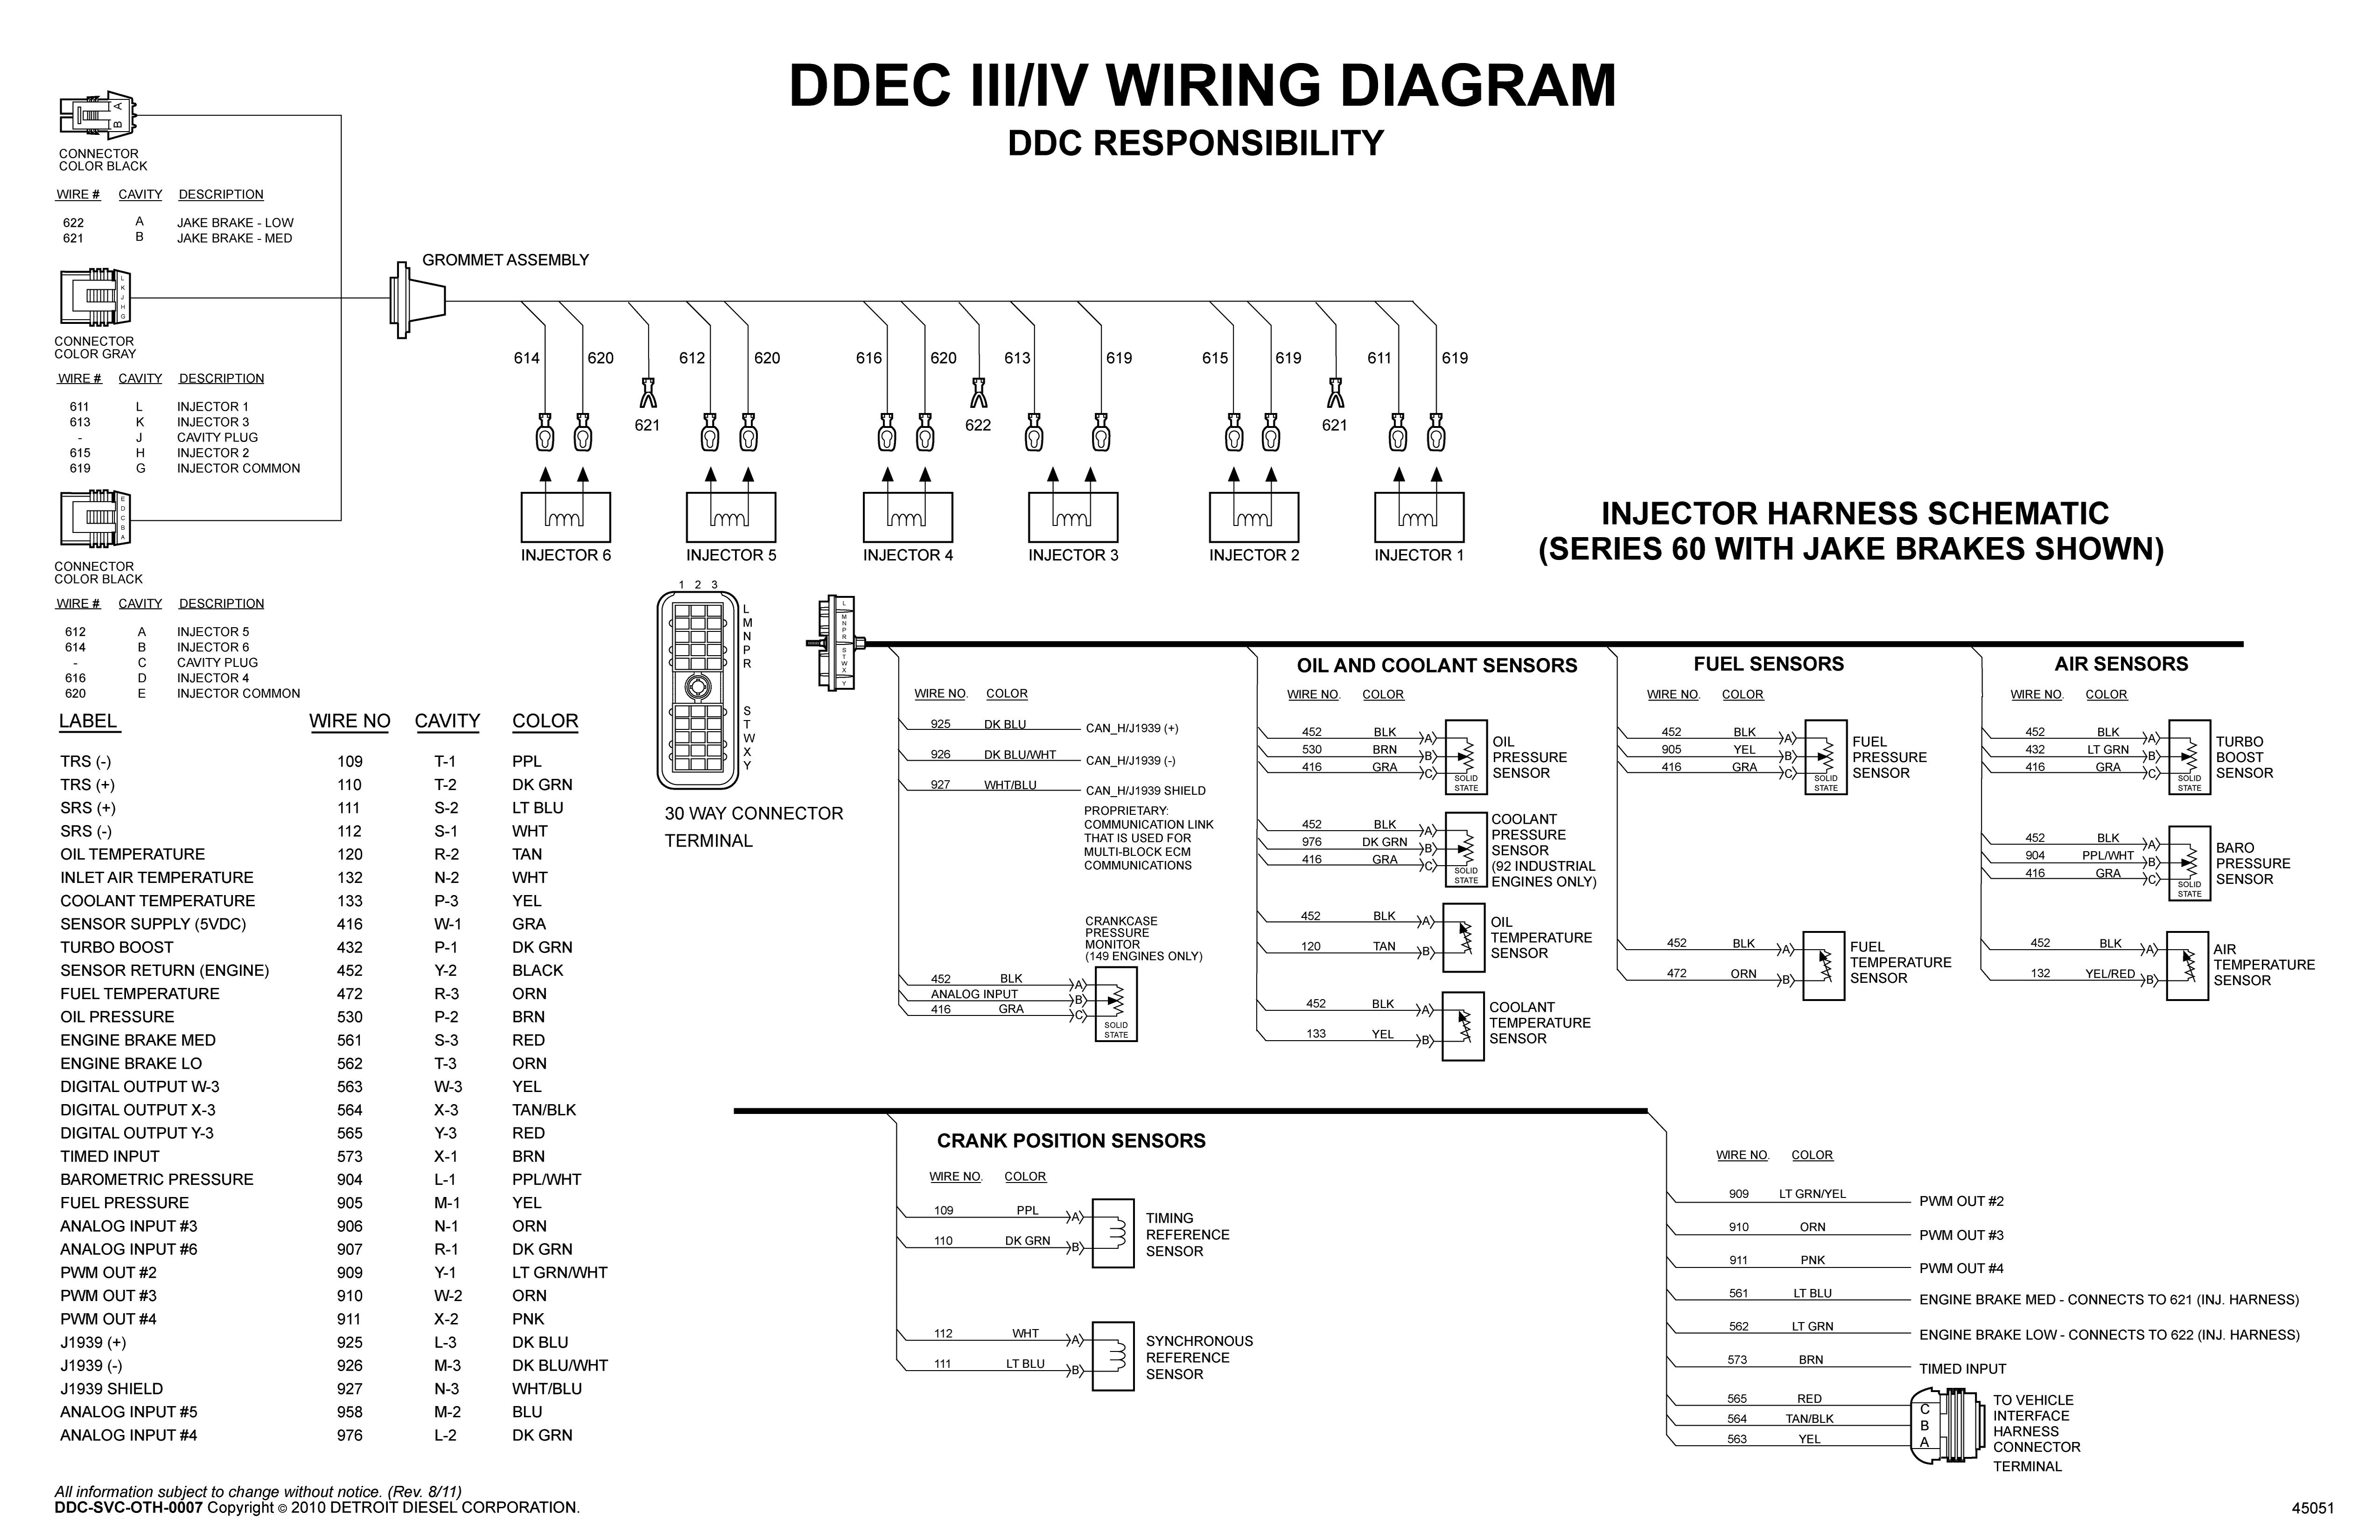 Detroit Series 60 Ecm Wiring Diagram And 2015 04 01 164520 For At |  Conectores electricos, Diagrama de instalacion electrica, Diagrama de  circuito eléctrico | Ddec 4 Wiring Diagram J1939 |  | Pinterest